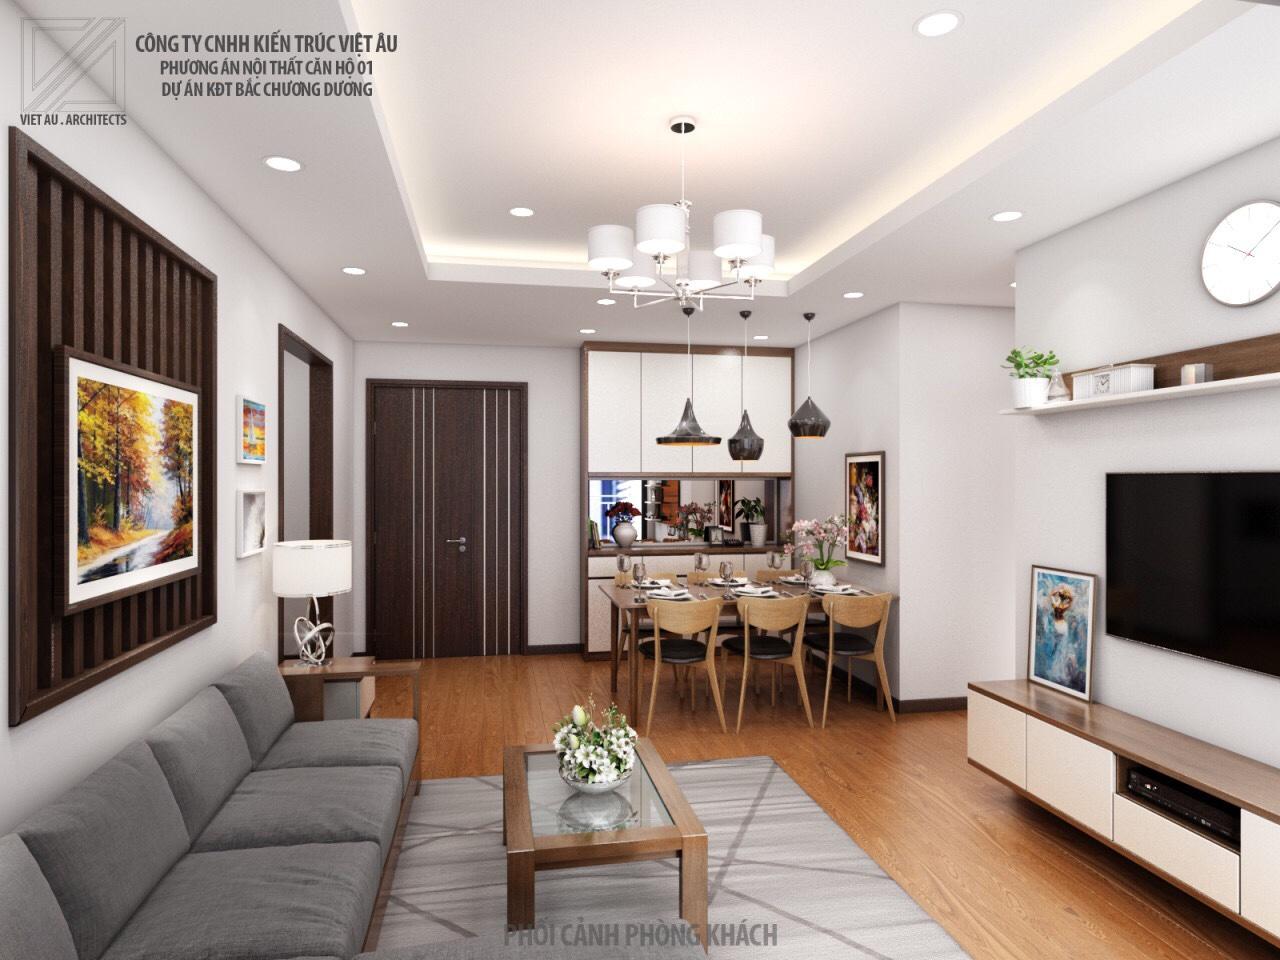 Phương án nội thất phòng khách và phòng ăn